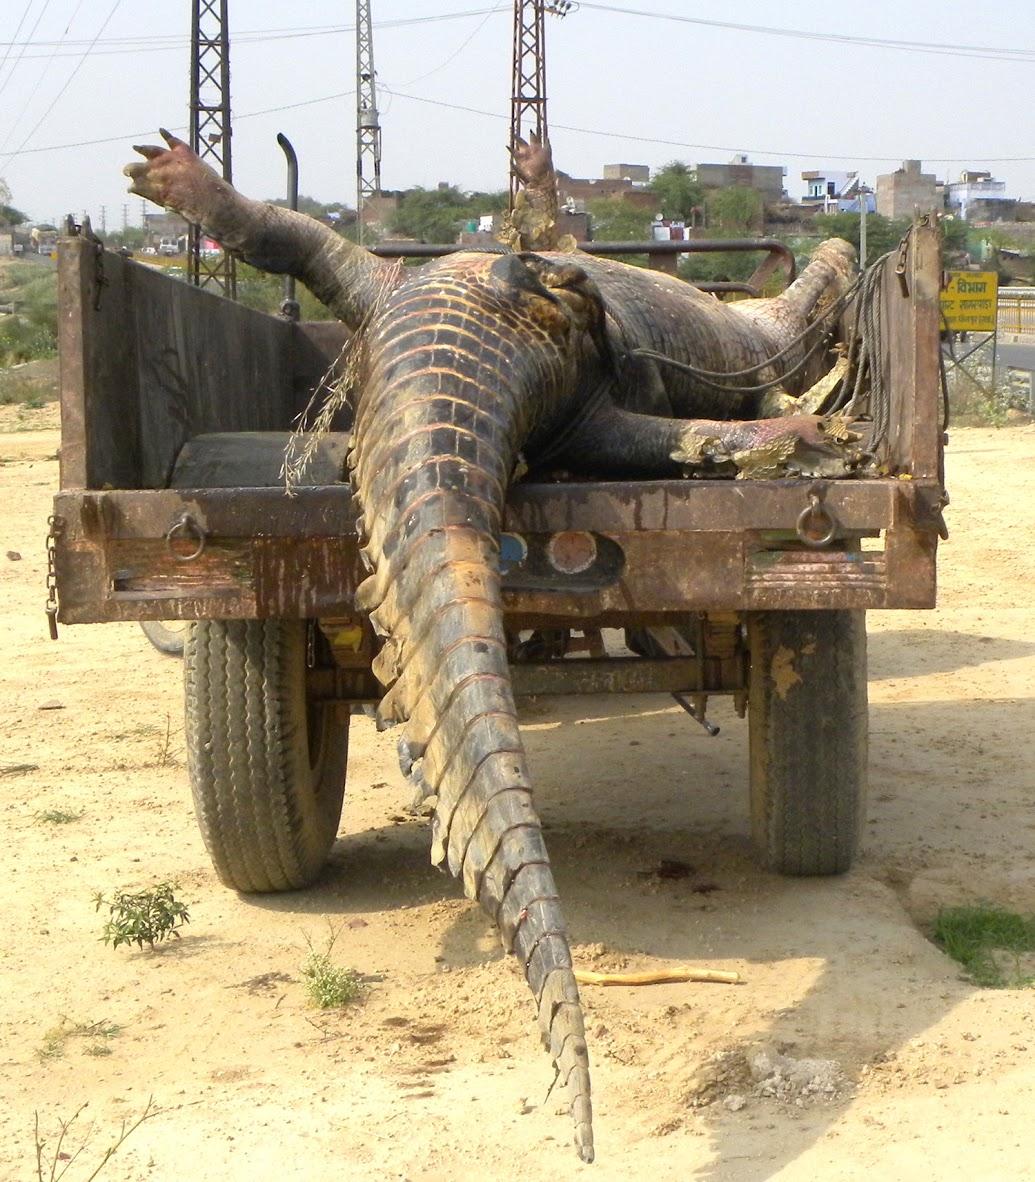 A drowned gharial. Credit: Rajeev Tomar